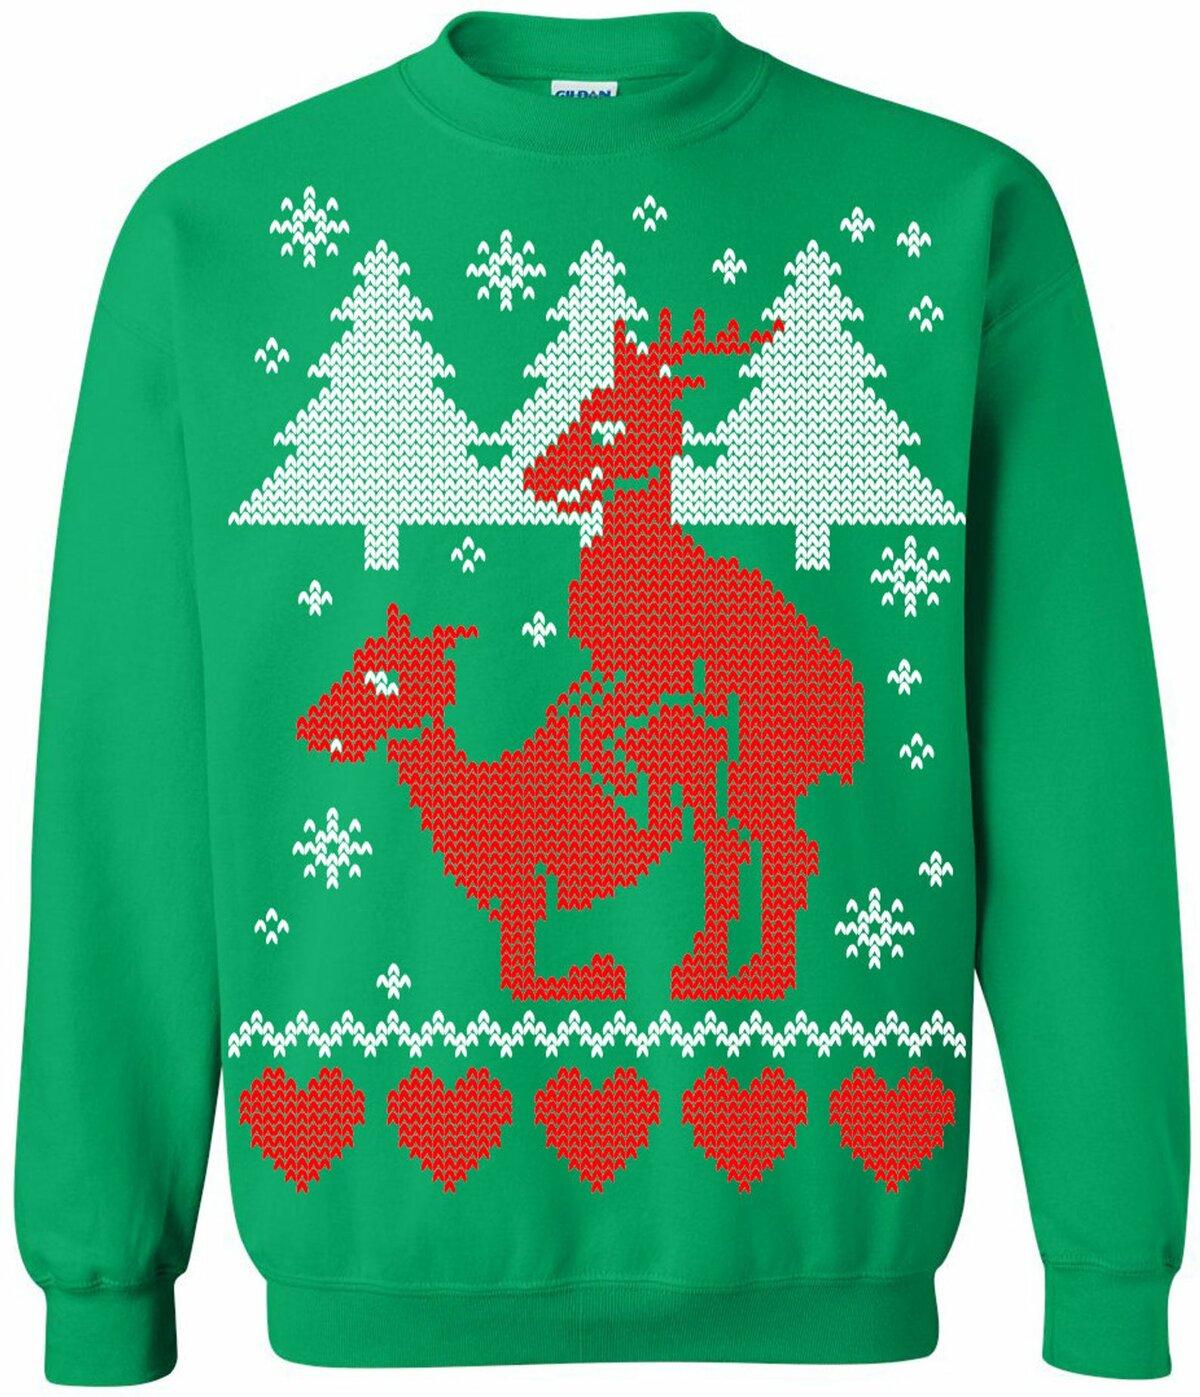 свитер с оленями смешные картинки отчёт материалам работе